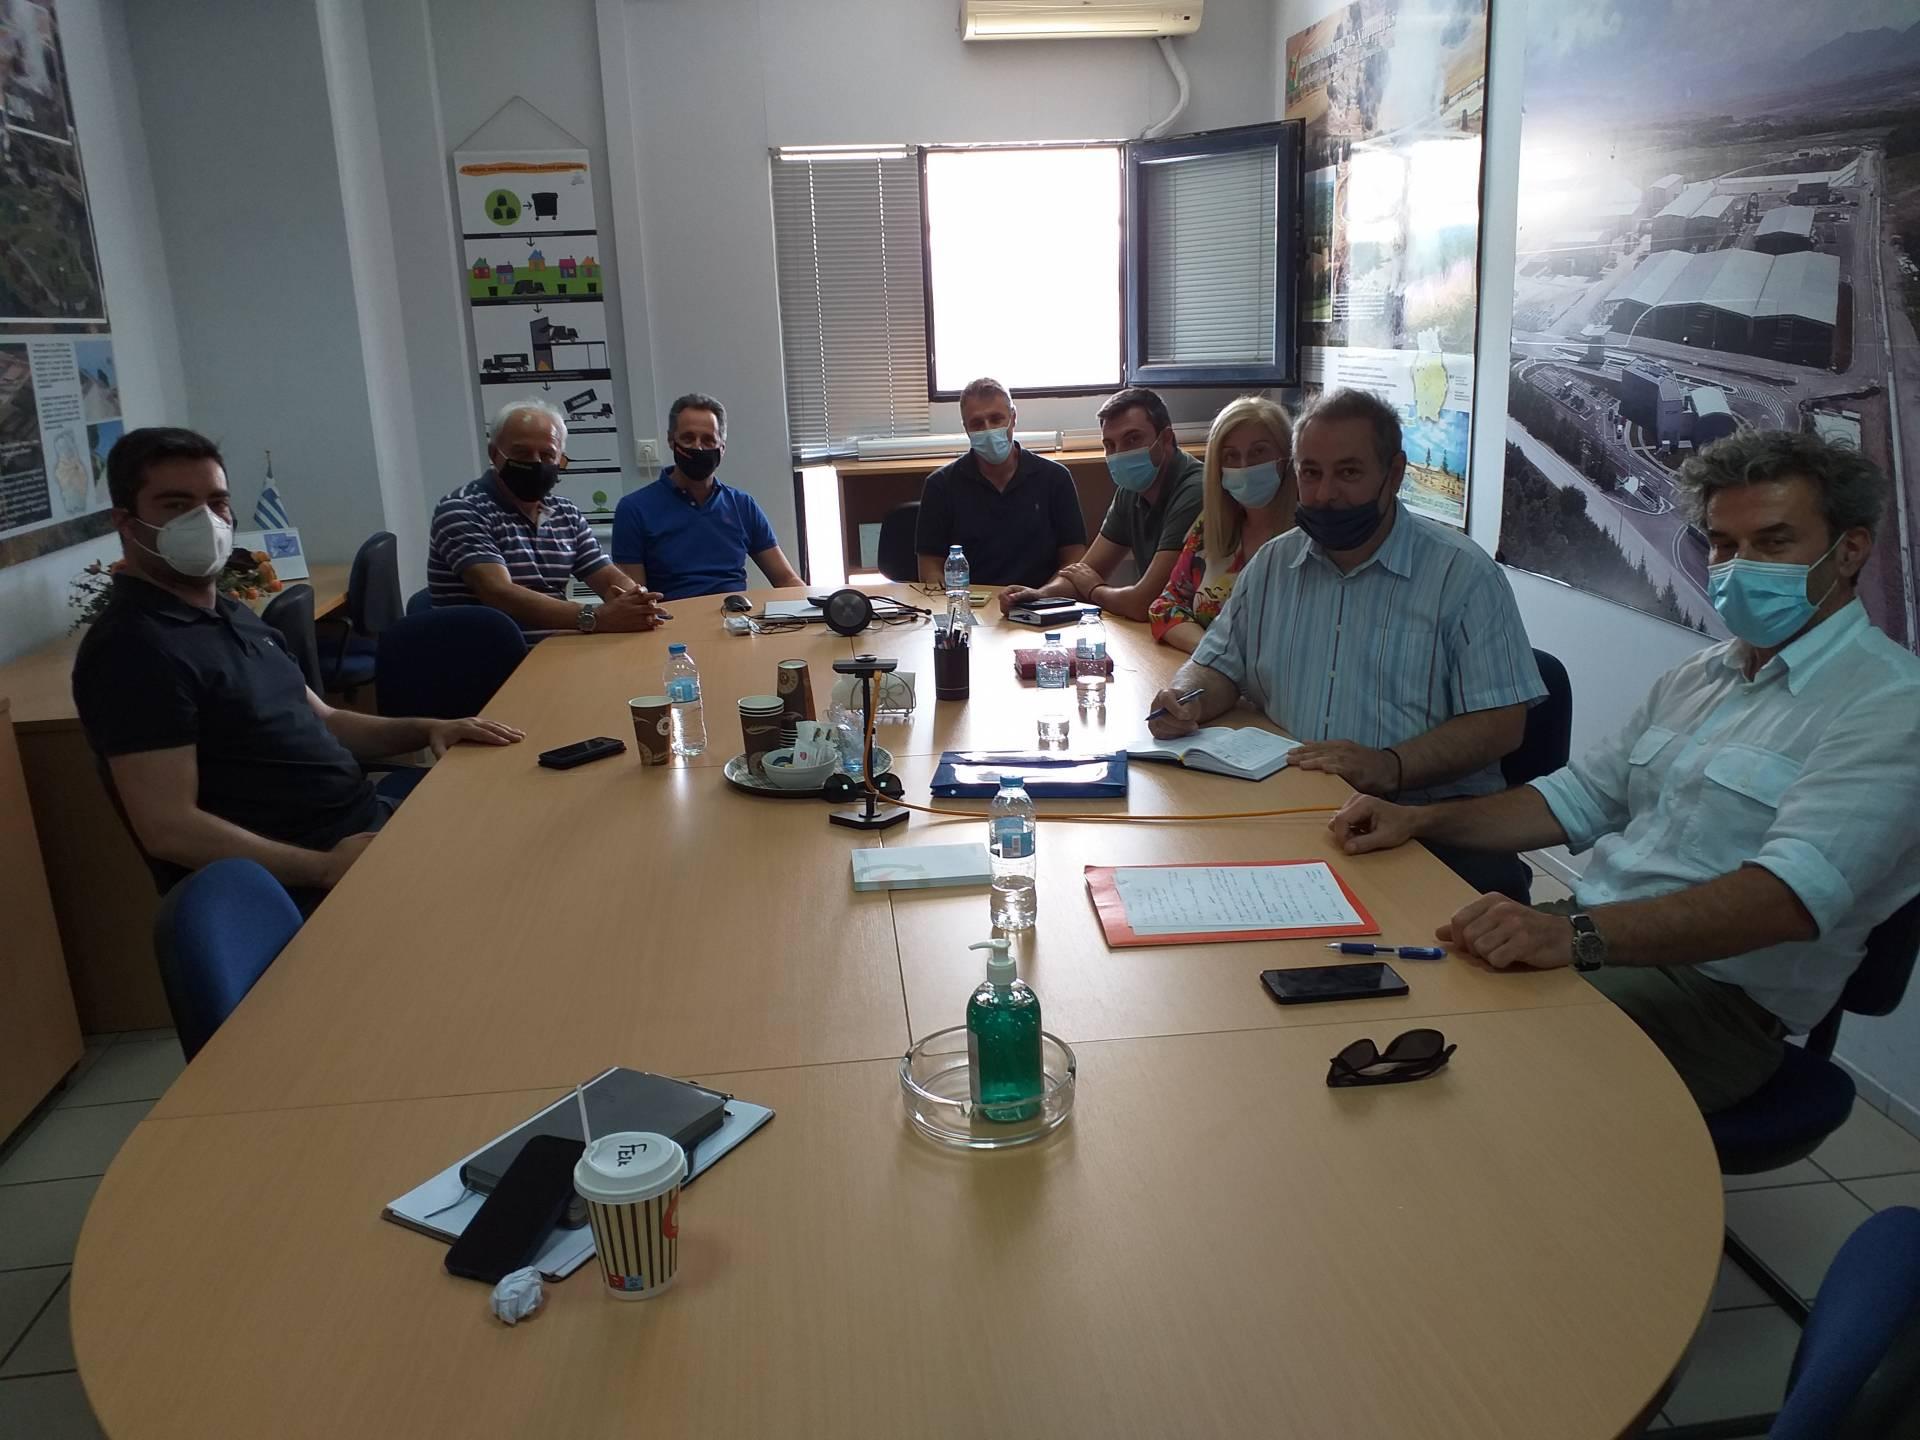 Συνάντηση Κλιμακίου ΤΕΕ/ΤΔΜ με Υπηρεσιακά Στελέχη της ΔΙΑΔΥΜΑ ΑΕ